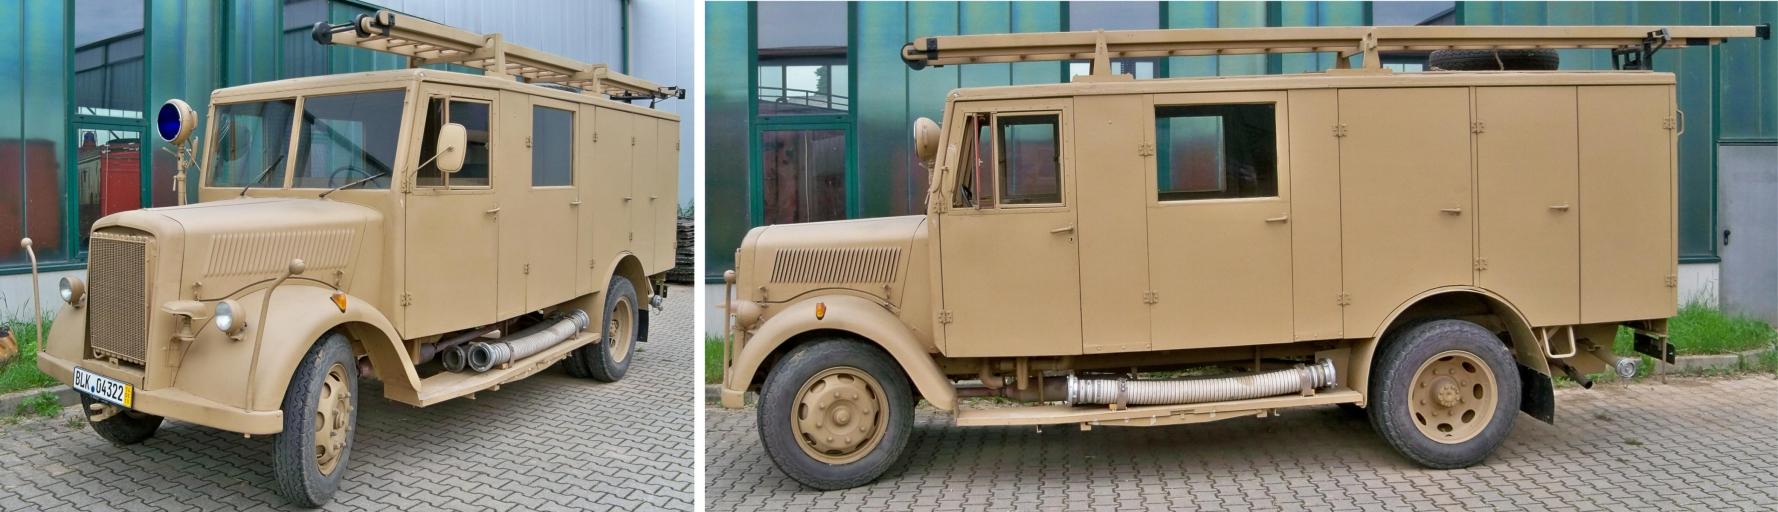 K1600_LF-15-Opel